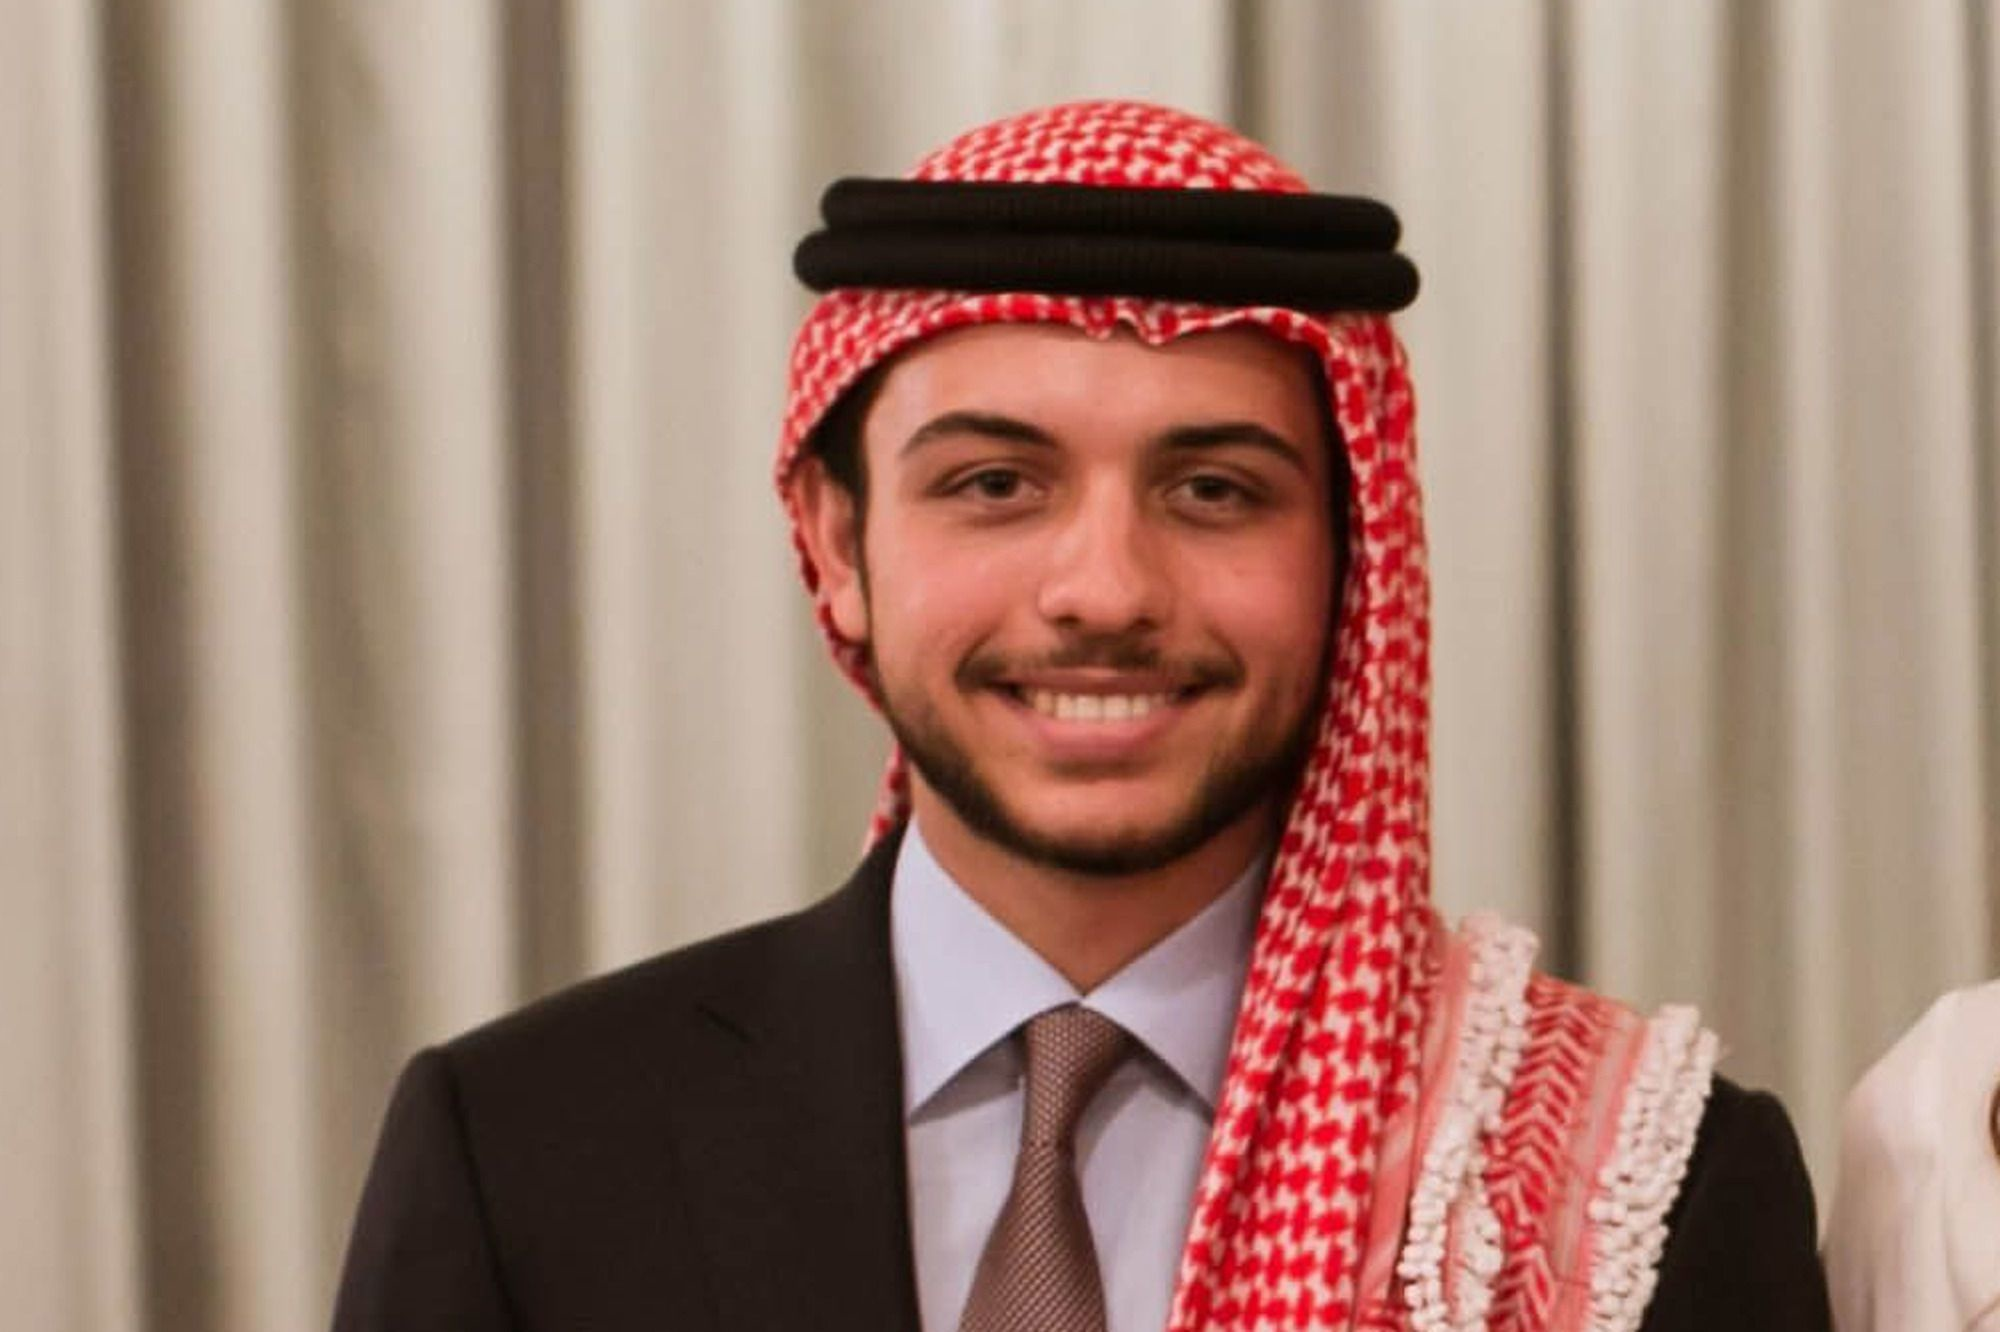 Le fils aîné du roi Abdallah II et de la reine Rania est prince héritier de Jordanie., .